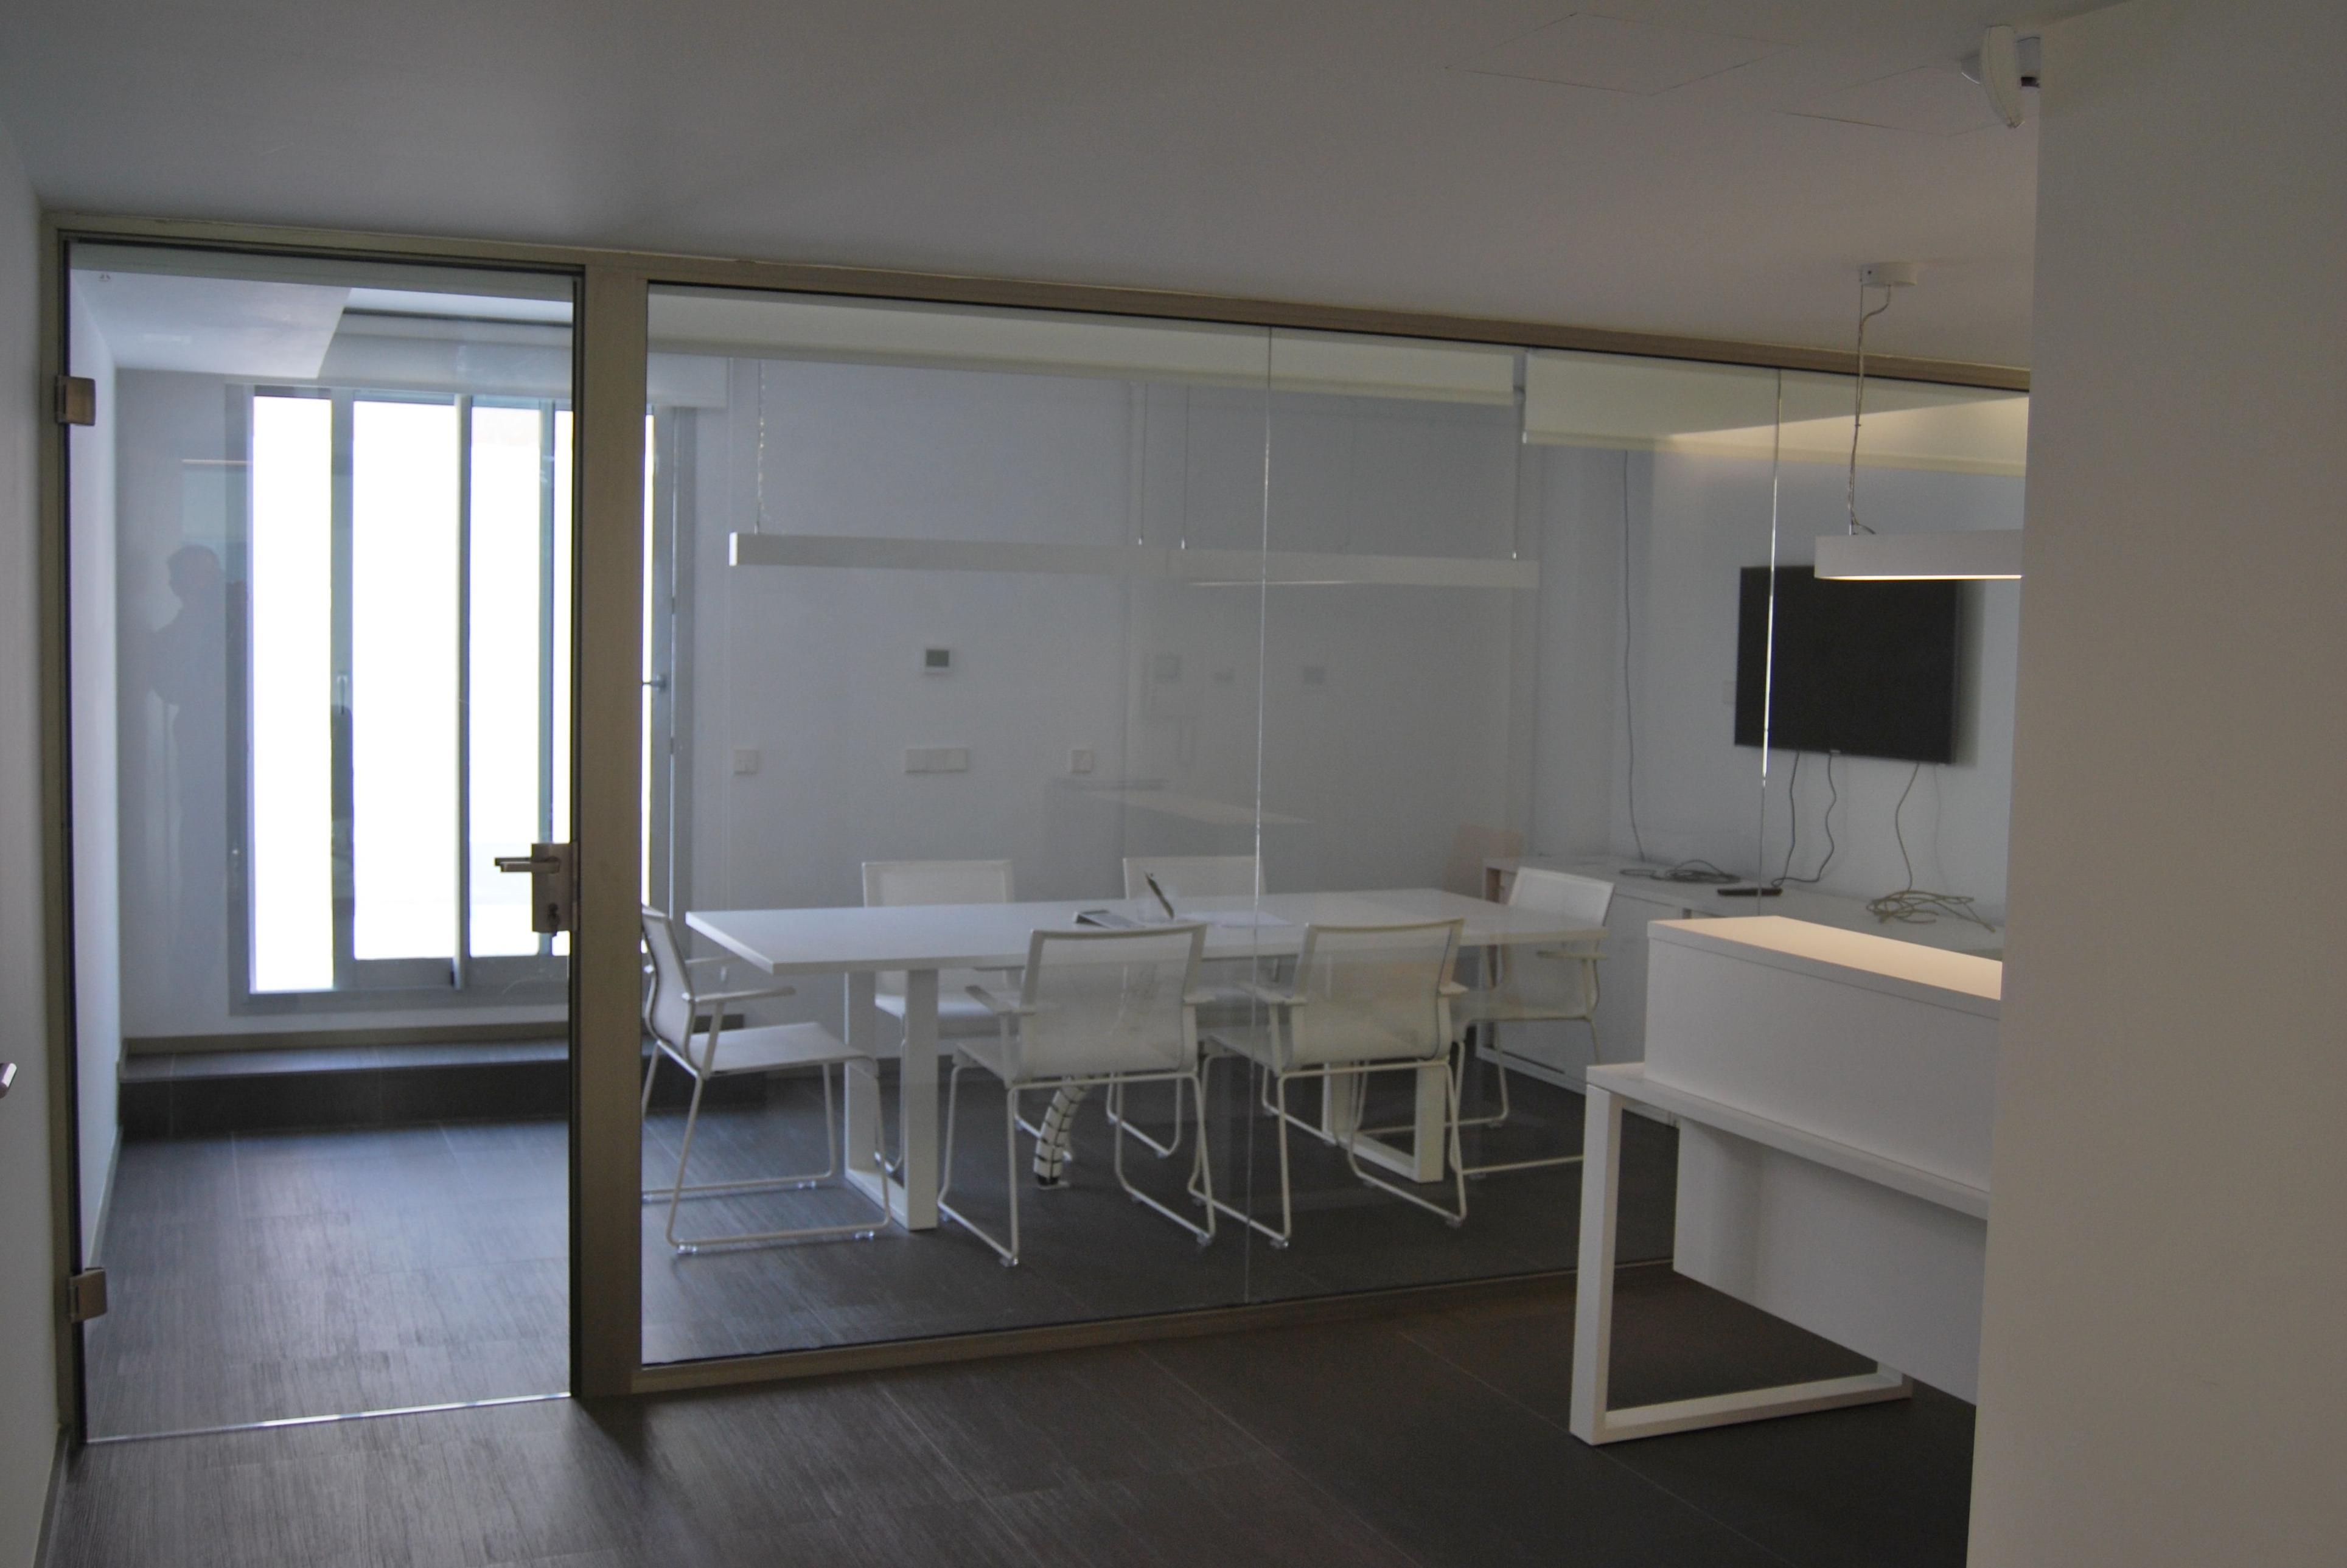 Separador de oficina compuesto por una puerta abatible y fijo lateral.